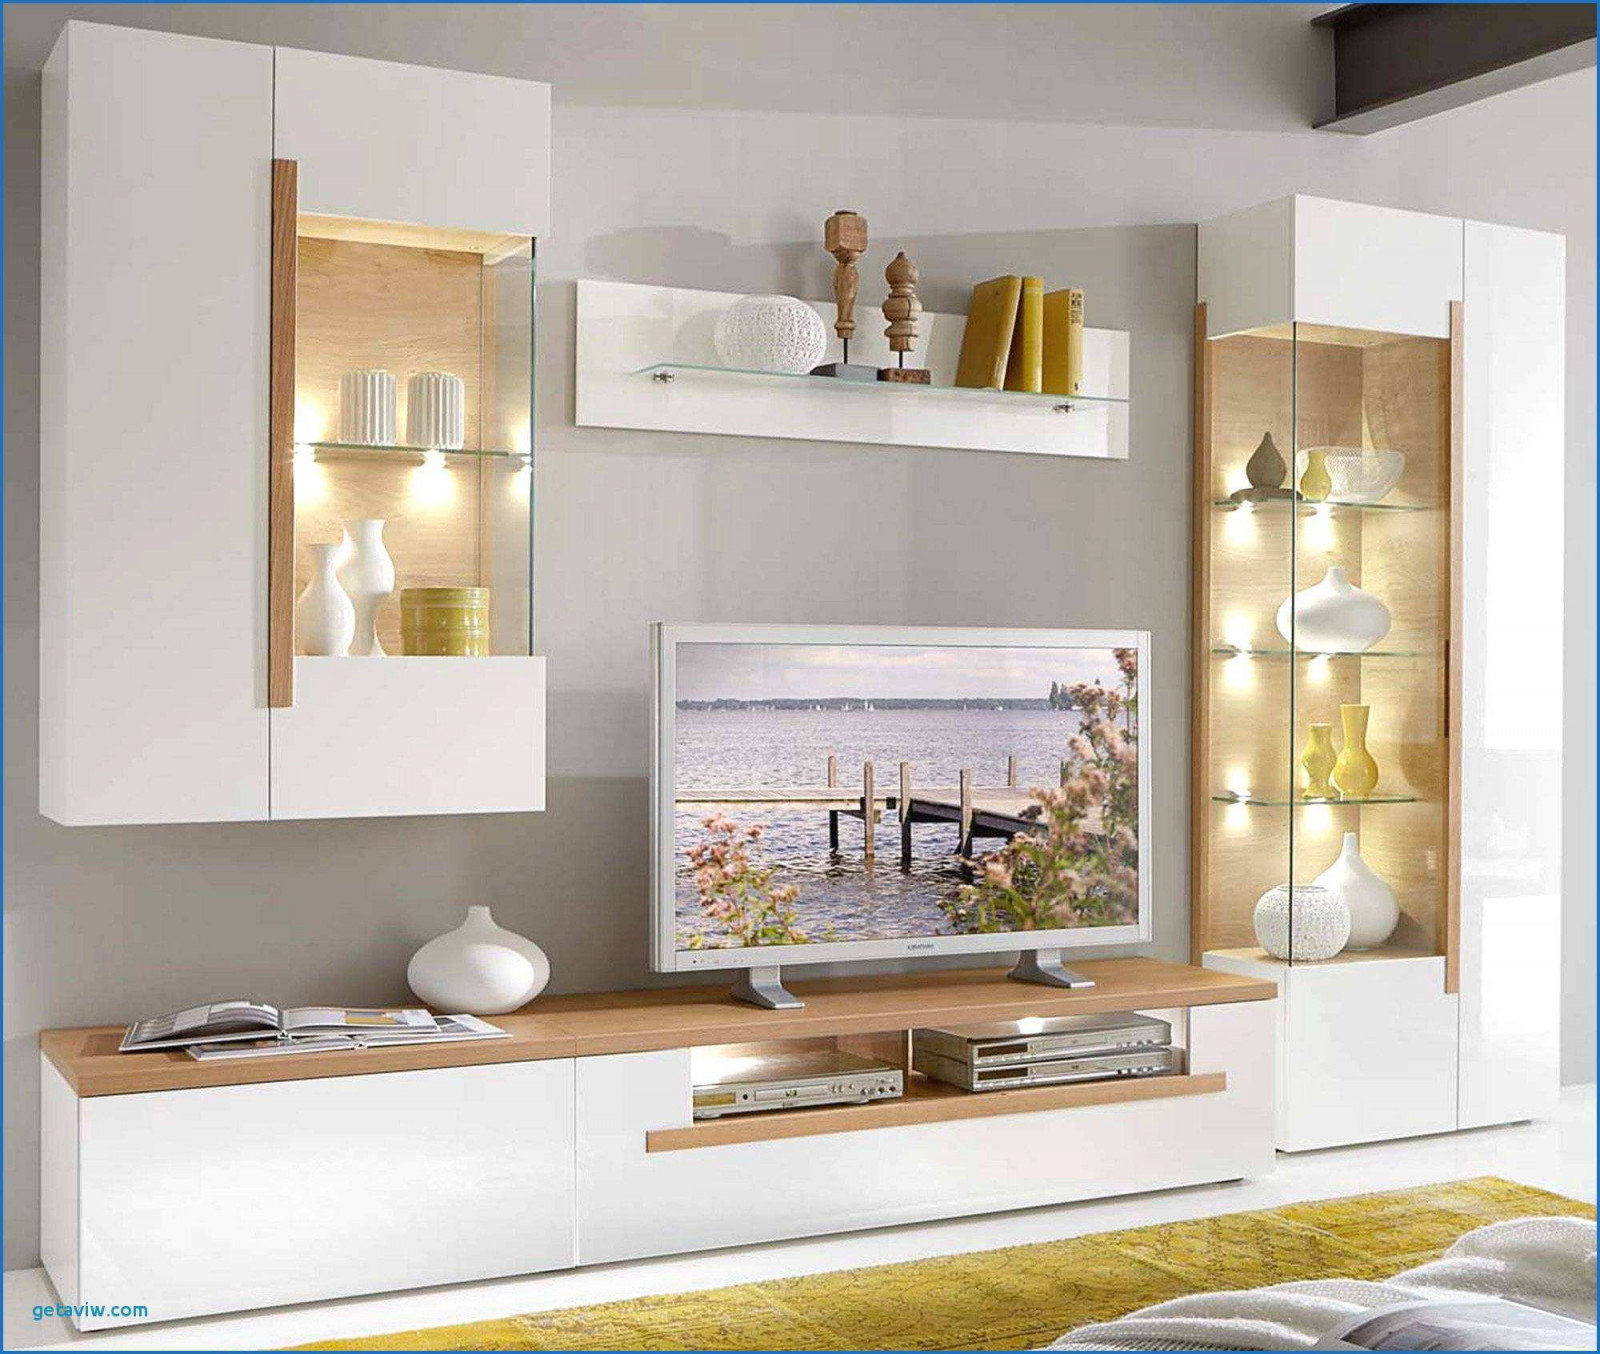 Wohnzimmer Dunkle Möbel Reizend Inspirational Wohnzimmer von Wohnzimmer Ideen Dunkle Möbel Bild